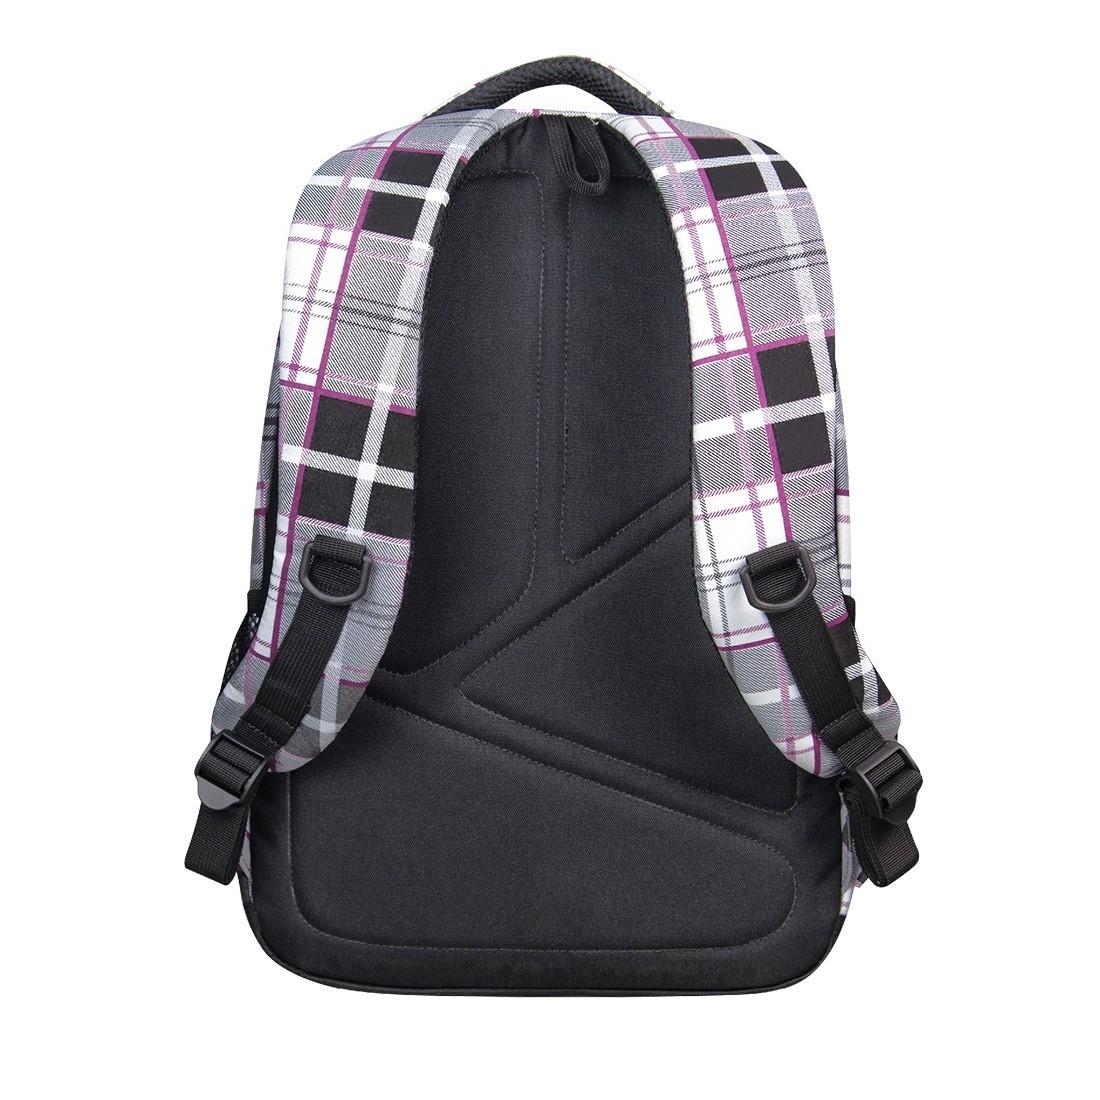 Plecak młodzieżowy CoolPack CP lekki czarno - biały w kratkę BASIC POLO 360 - plecak-tornister.pl